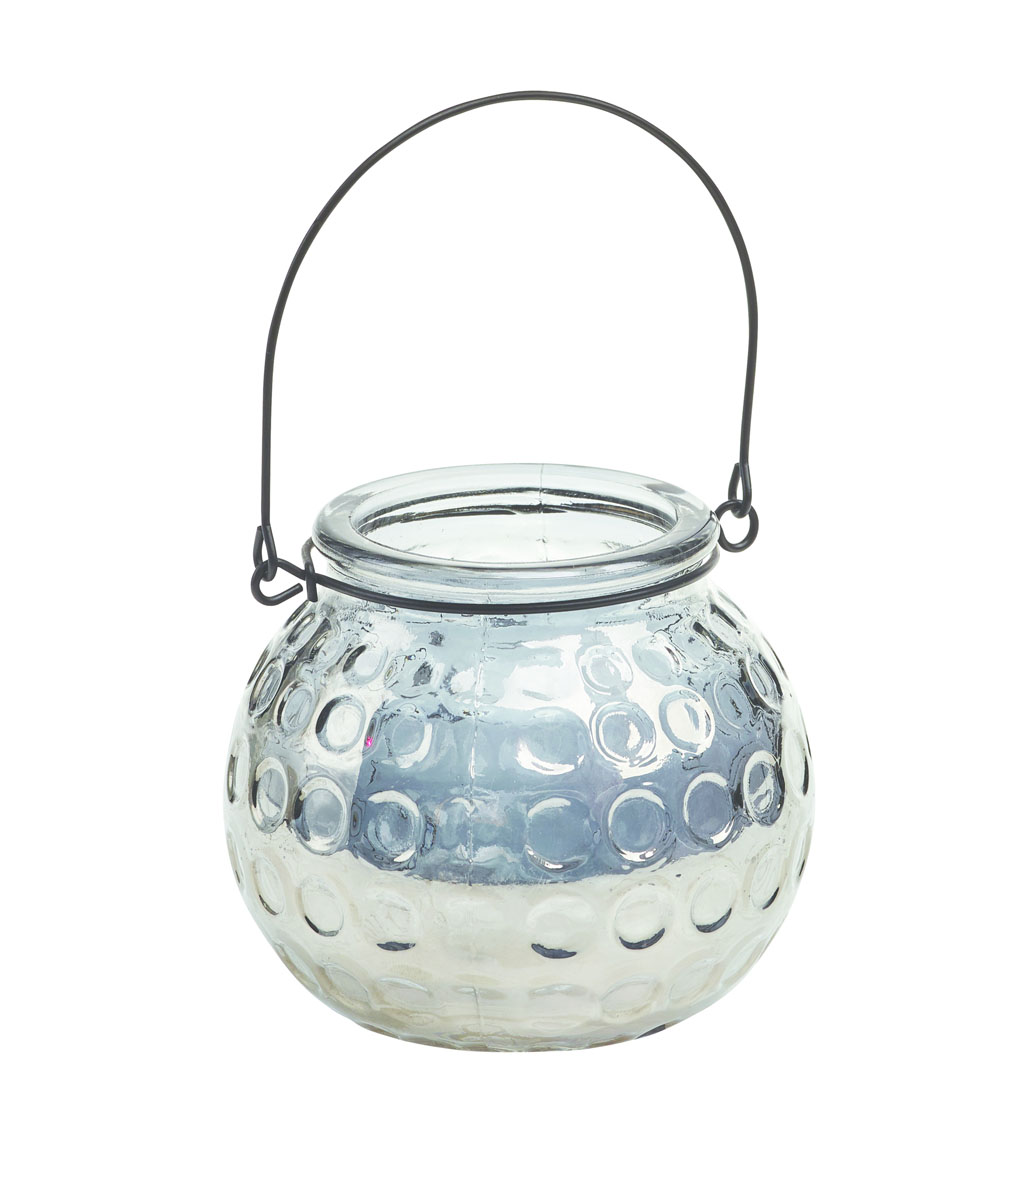 Подсвечник подвесной Gardman Honey Pot, цвет: серебристый, 8,5 см17915Декоративный подсвечник Gardman Honey Pot, изготовленный извысококачественногостекла, позволит украсить интерьер дома илирабочегокабинета оригинальным образом. Вы можете поставить или подвеситьподсвечник в любомместе, где он будет удачно смотреться и радовать глаз. Кроме того - этоотличный вариантподарка для ваших близких и друзей.